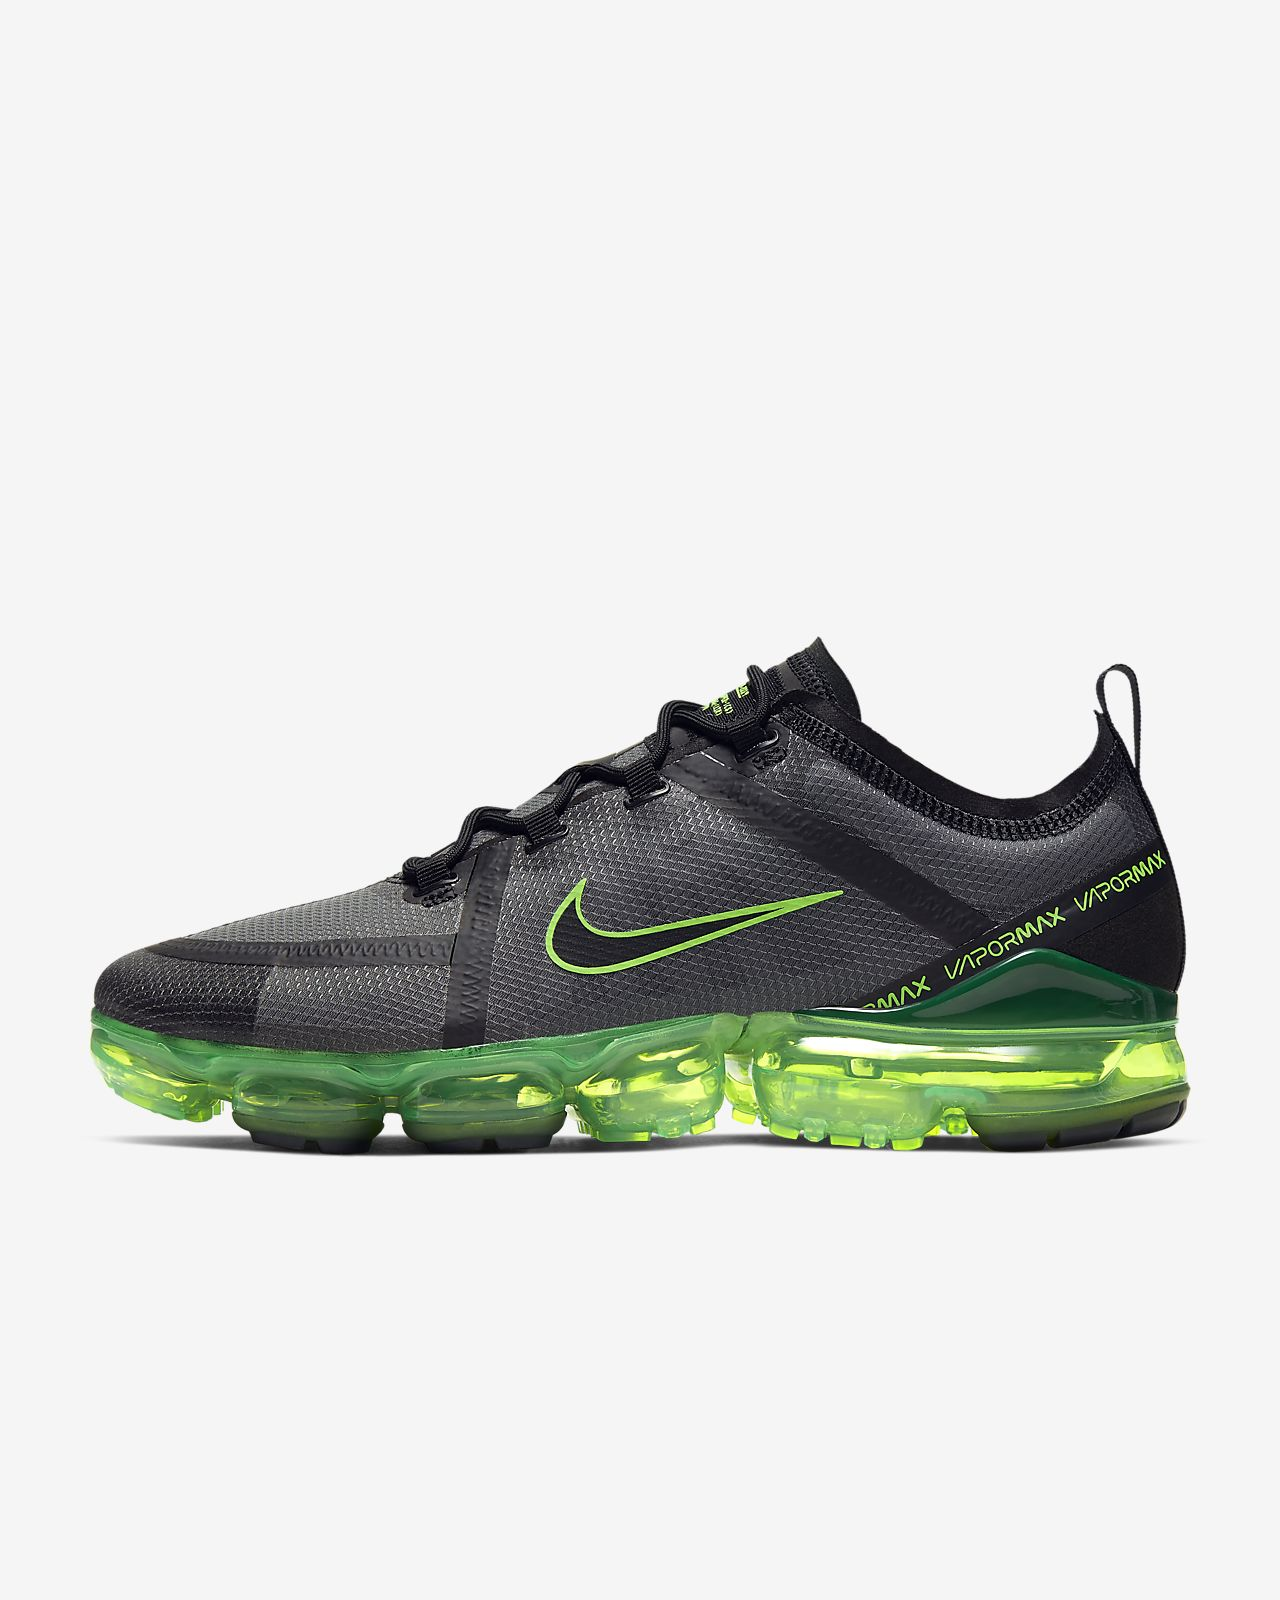 2019 Nike Air Max 2019 : Zapatos de nike, Cada paso en tu